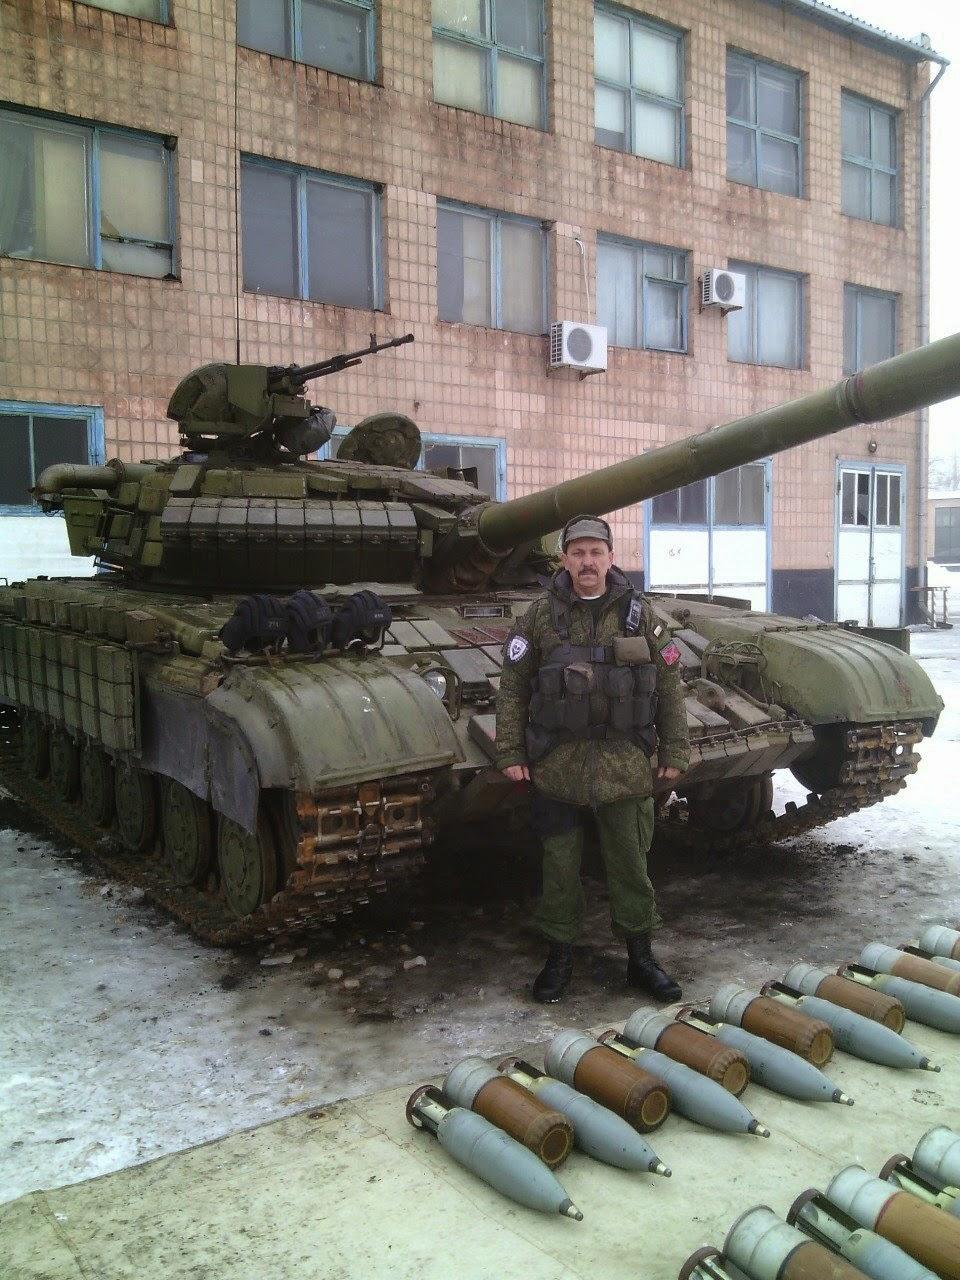 Sobre los T-64 y su desempeño en Ucrania EQROJFhVfi0